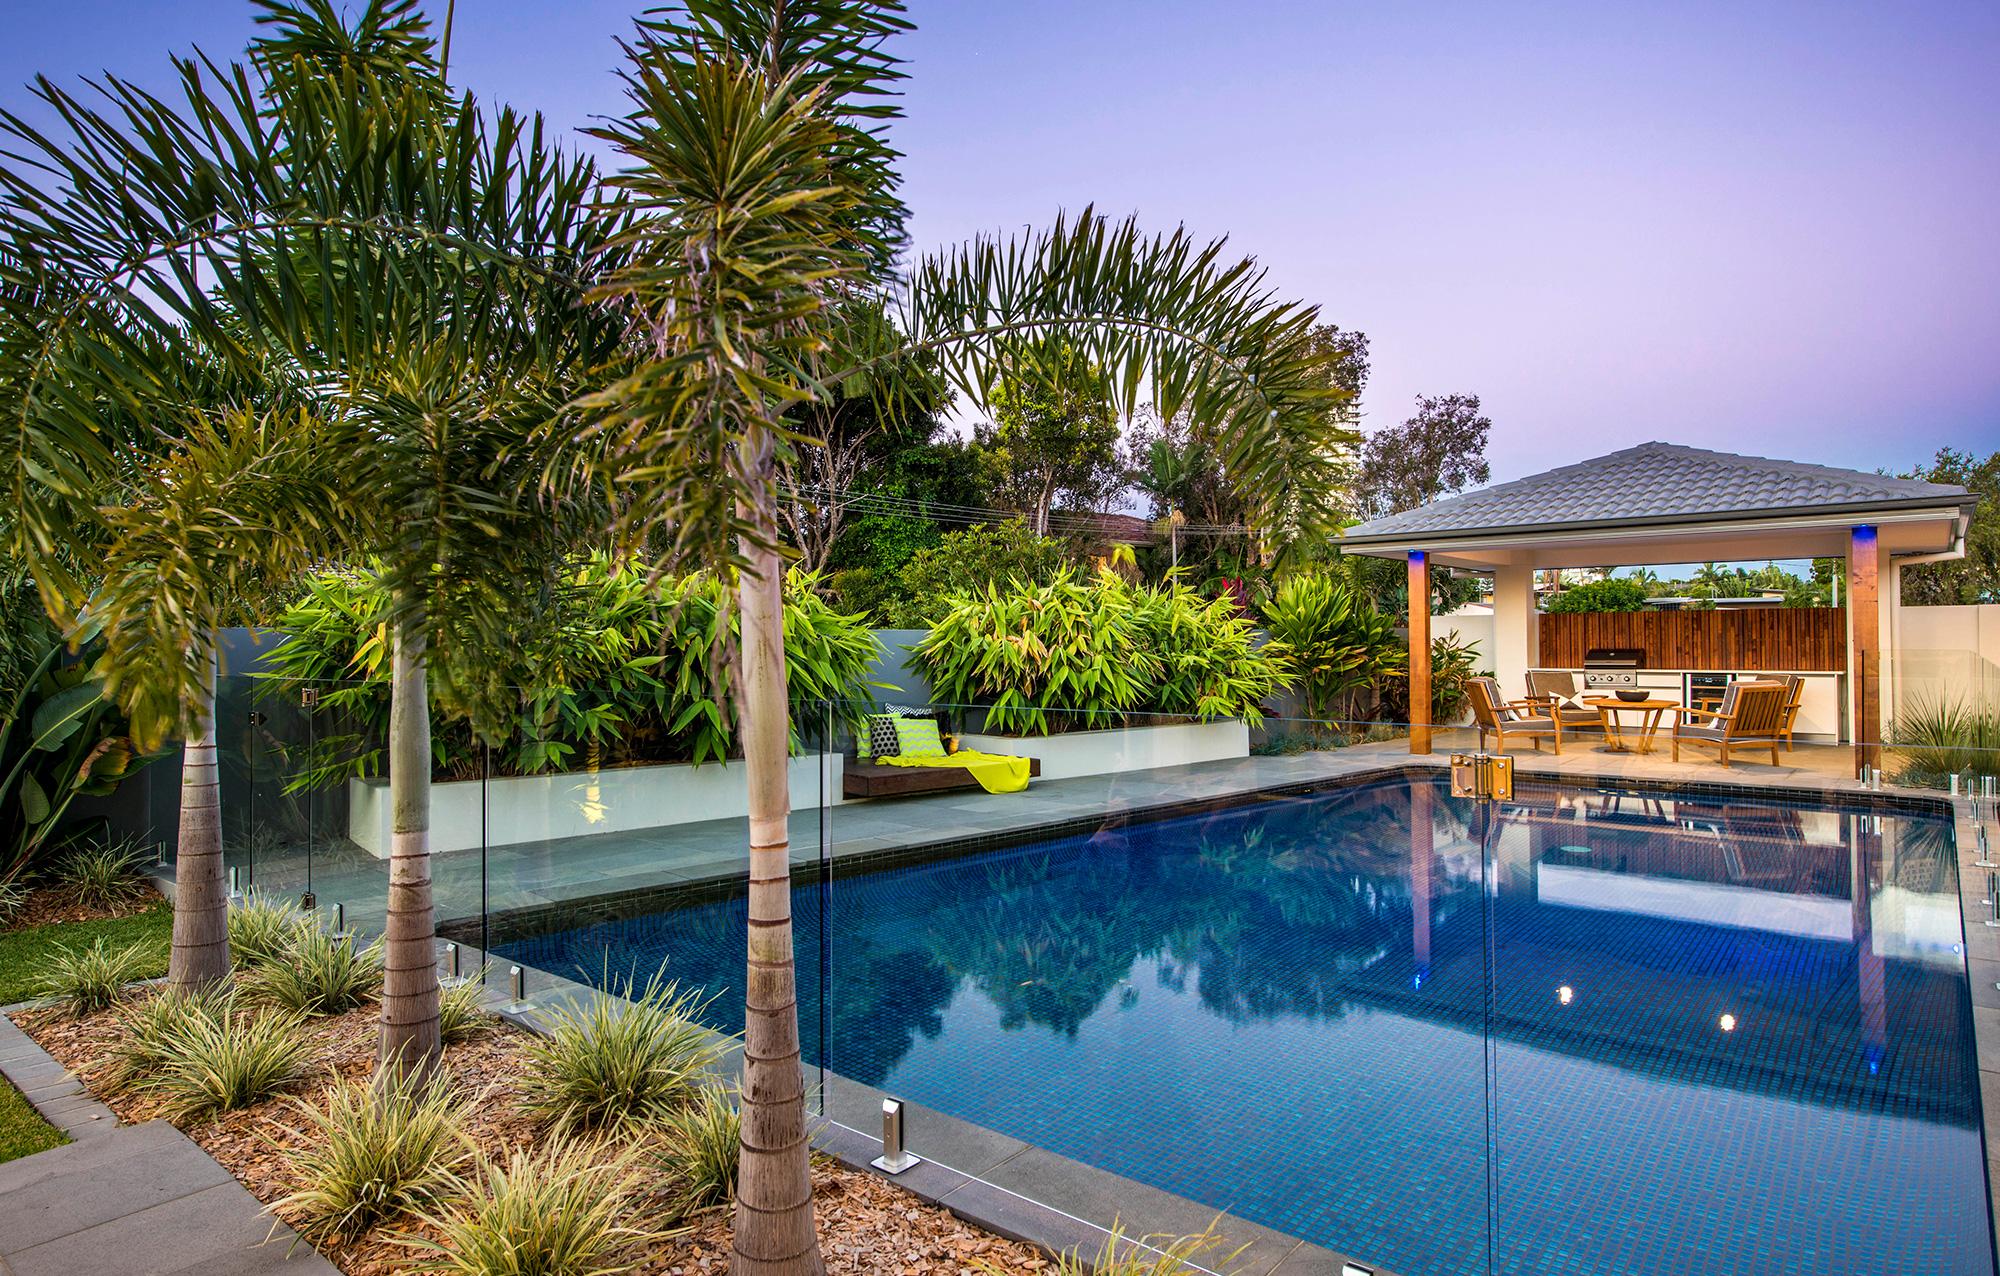 jsw landscapes & design - landscaper gold coast